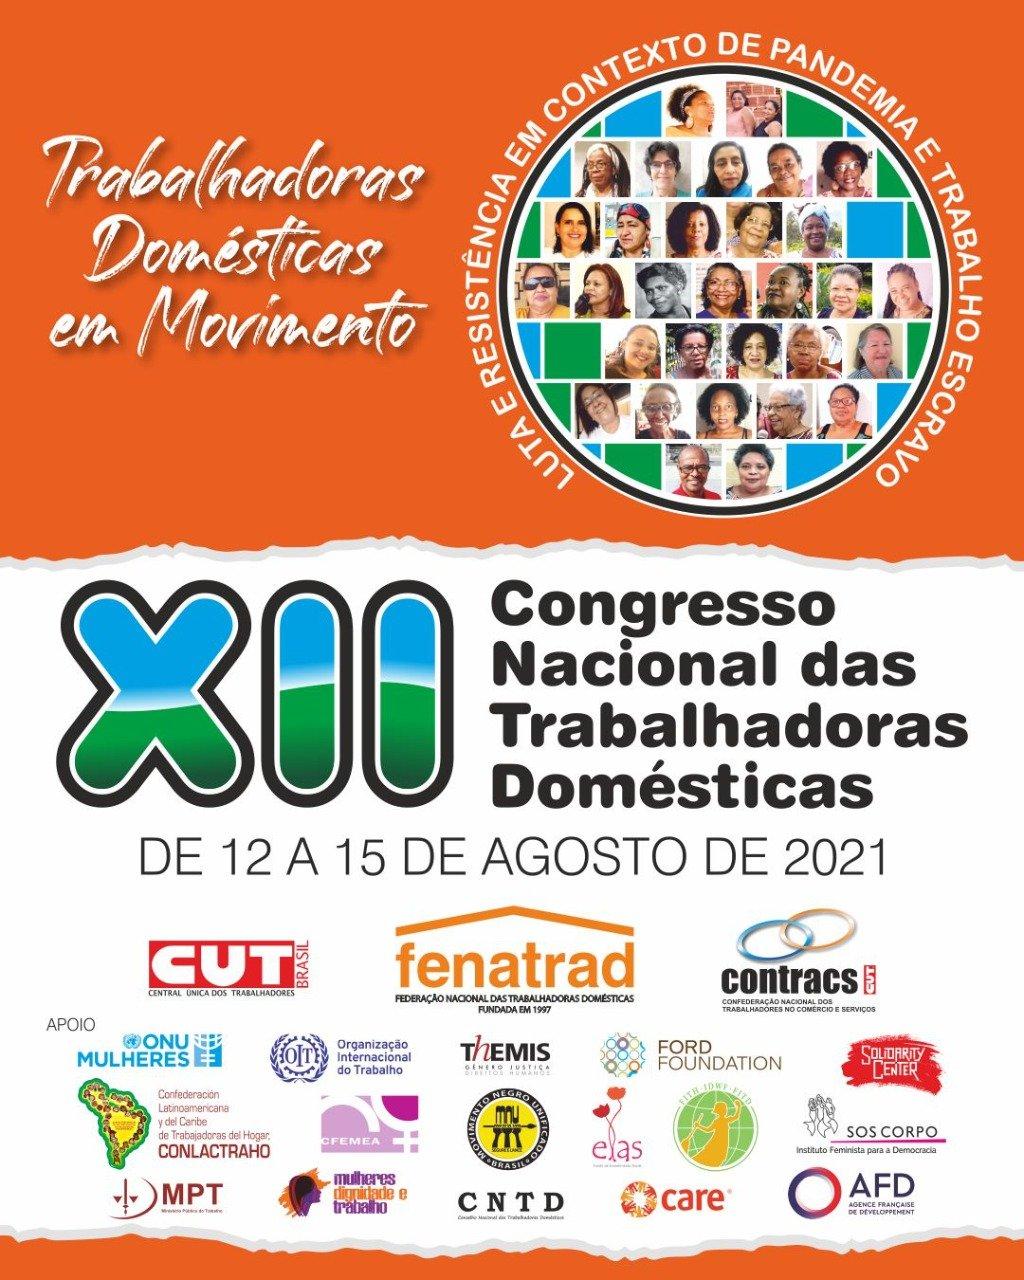 FENATRAD realiza XII Congresso Nacional das Trabalhadoras Domésticas em agosto